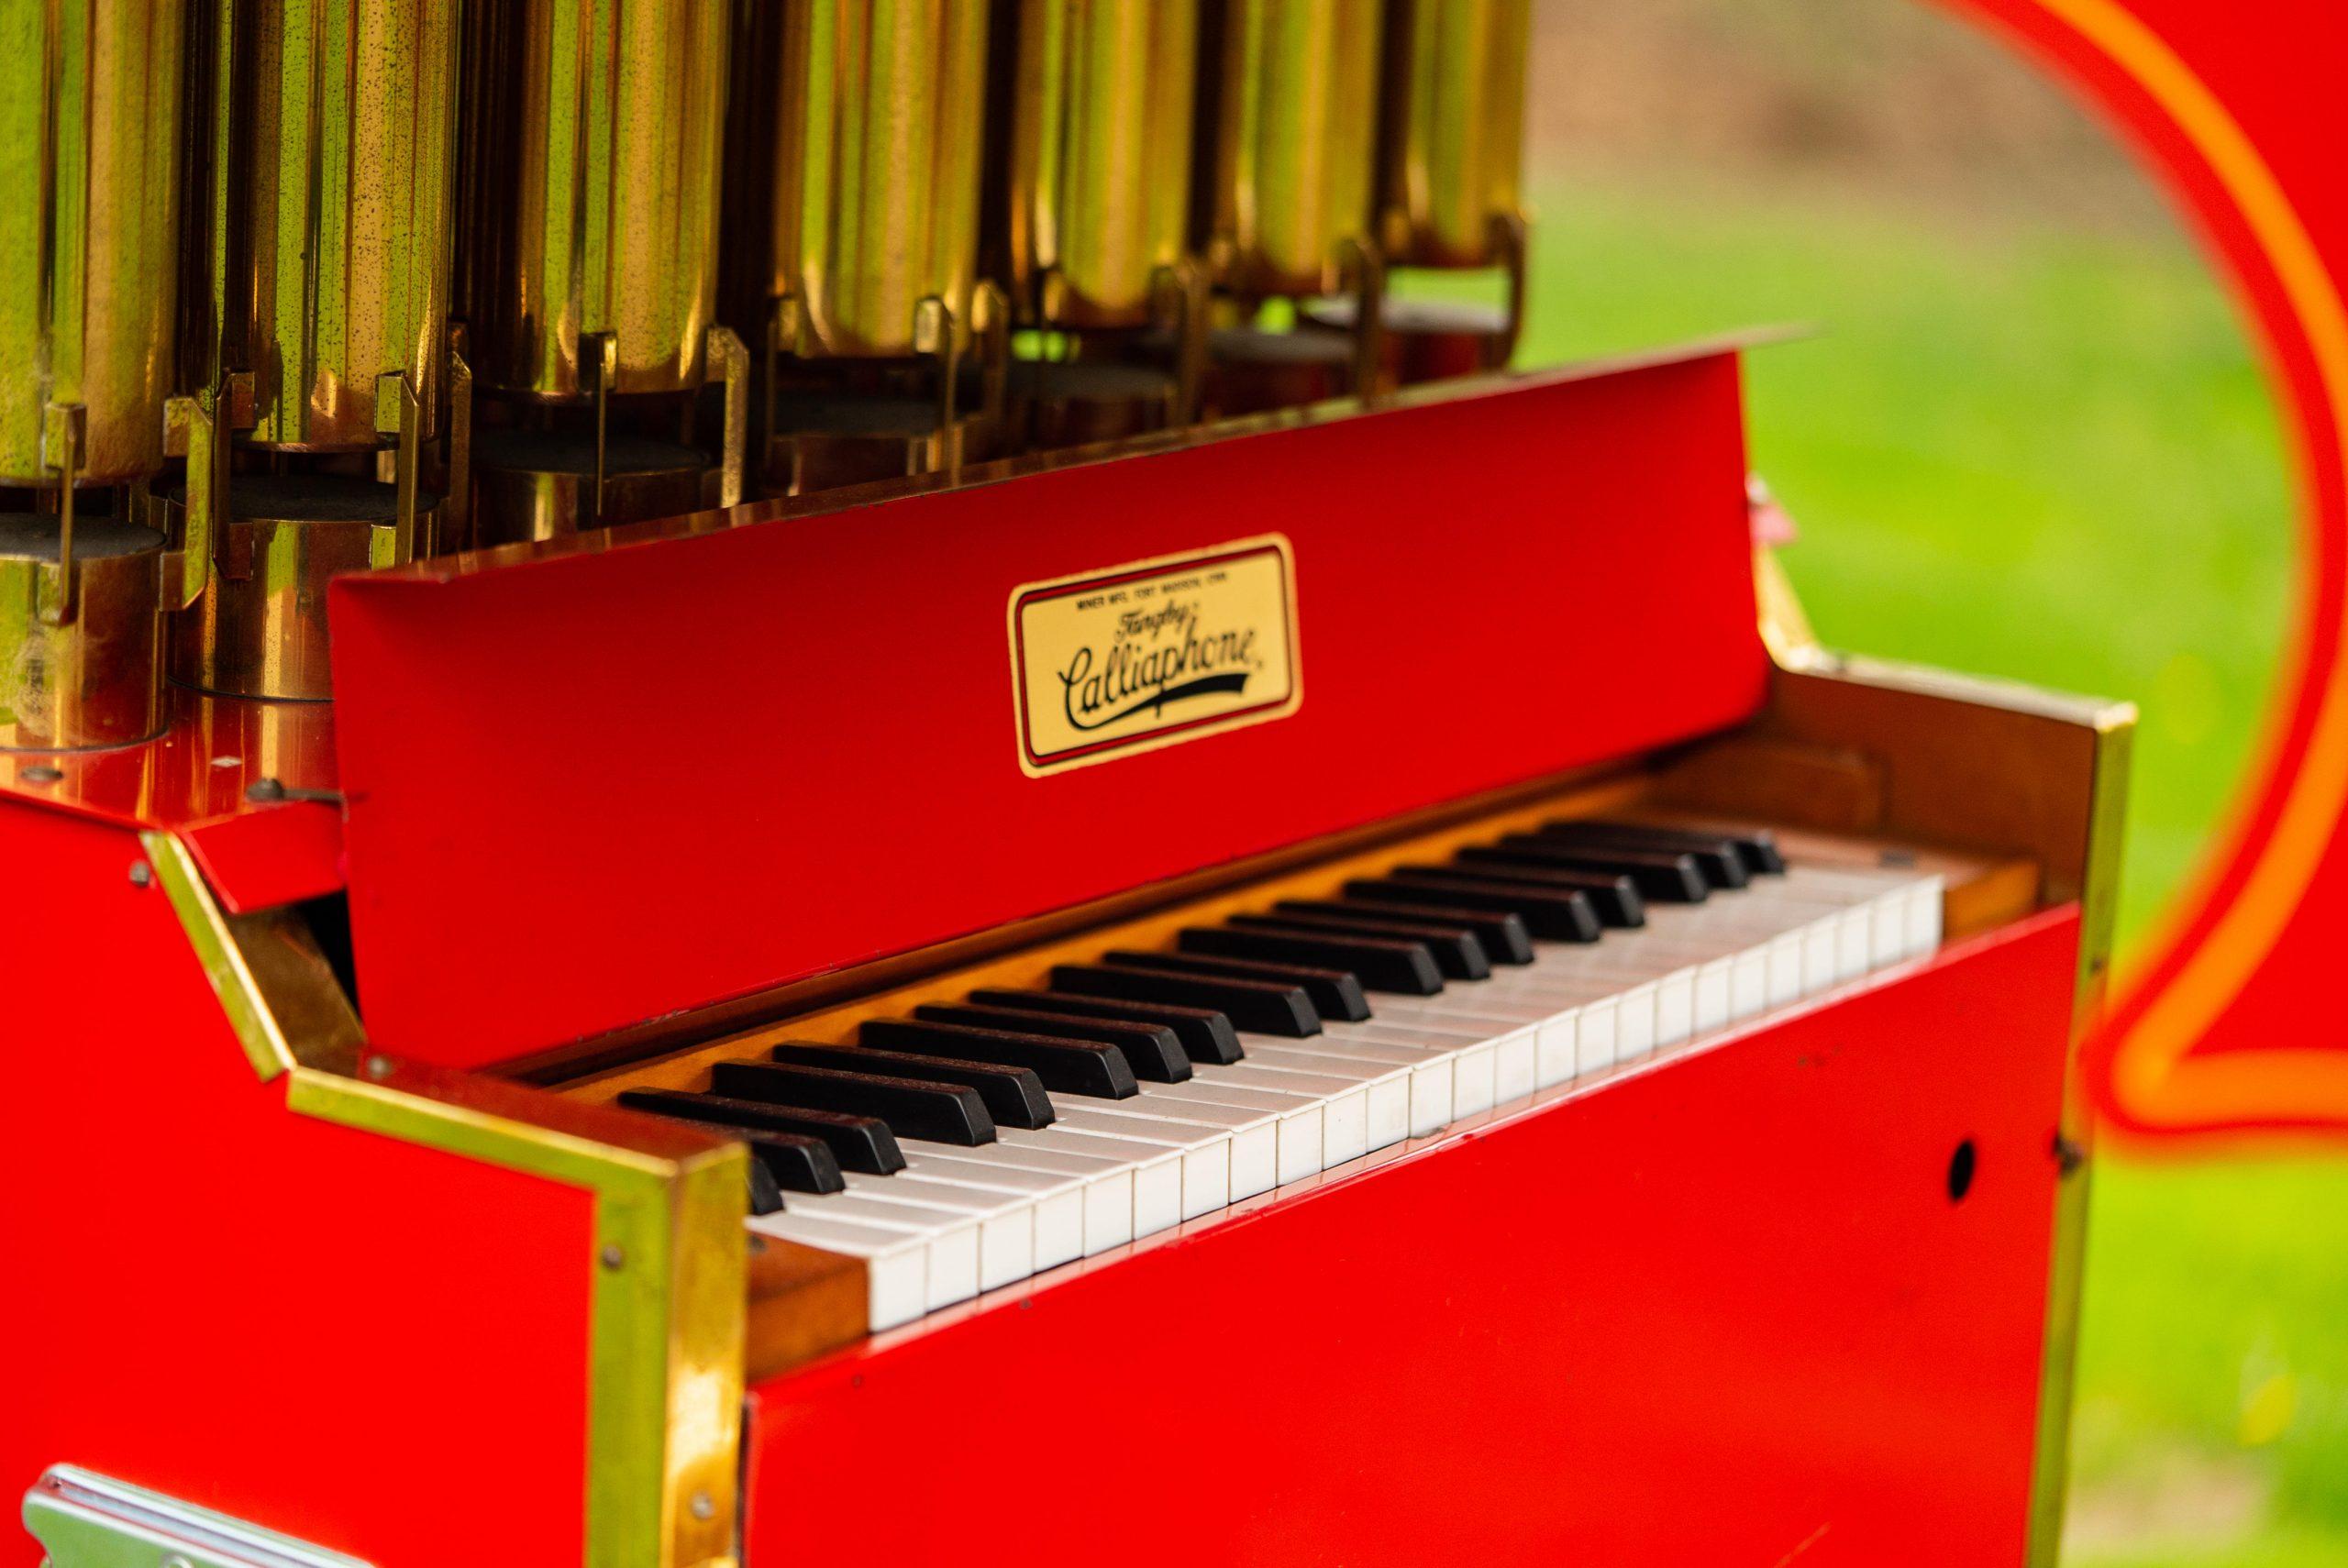 Ford Model T Organ Car keyboard